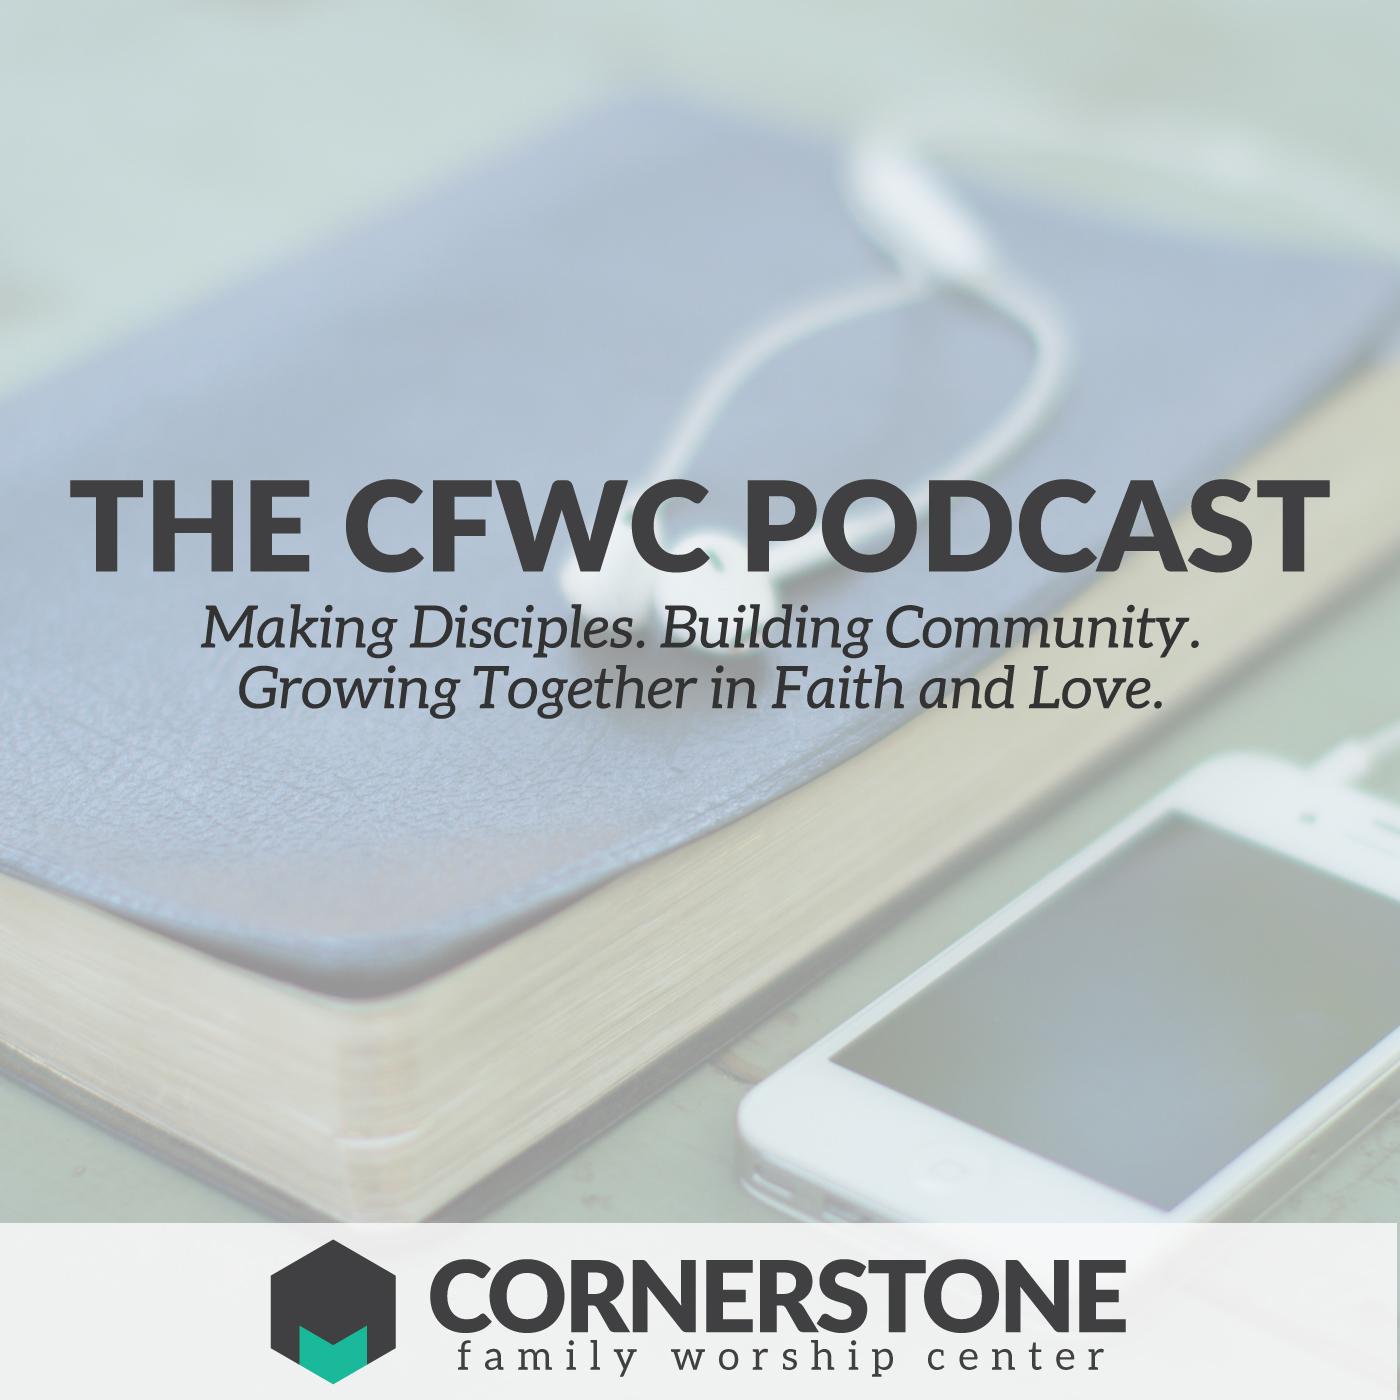 Cornerstone Family Worship Center